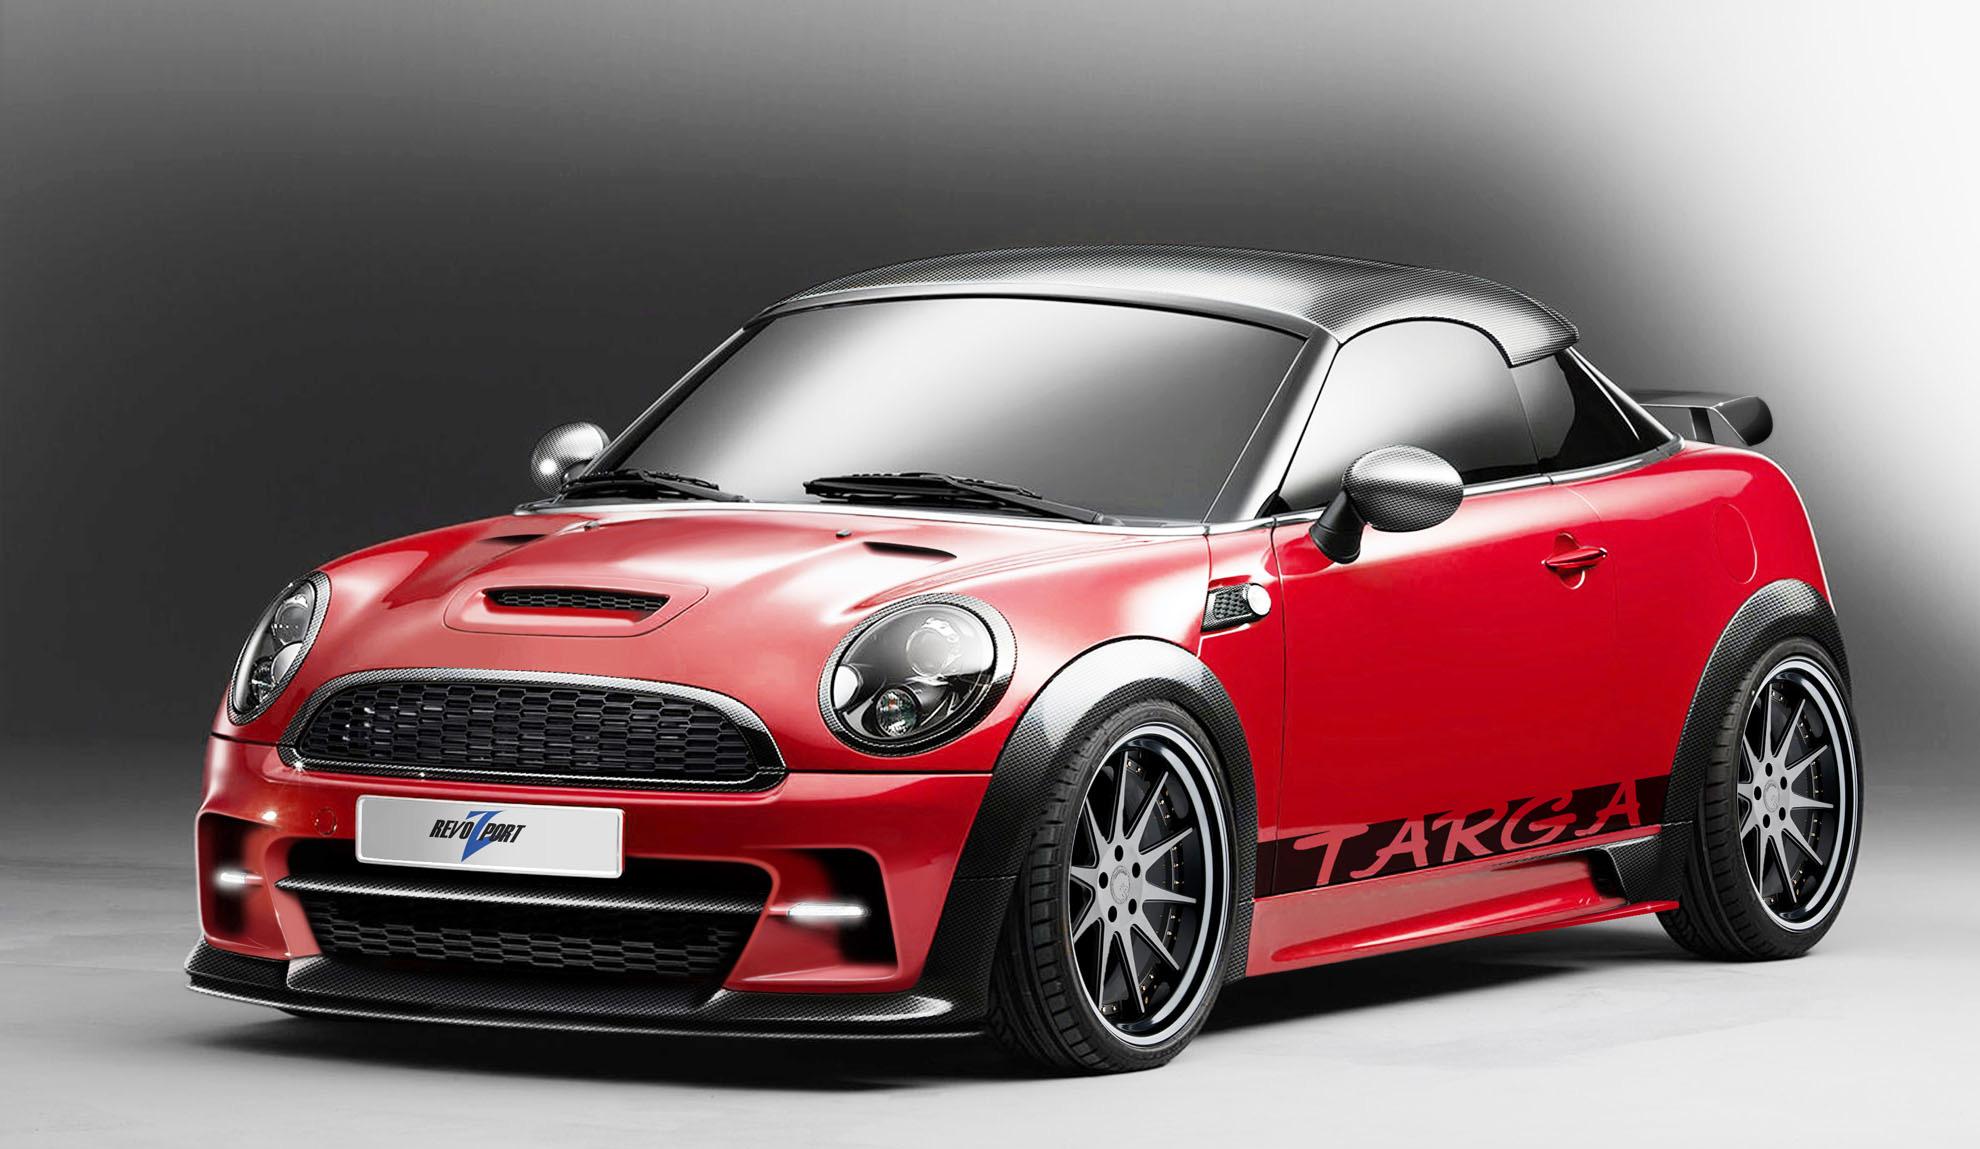 mini targa raze1  Mini Coupe Targa Raze